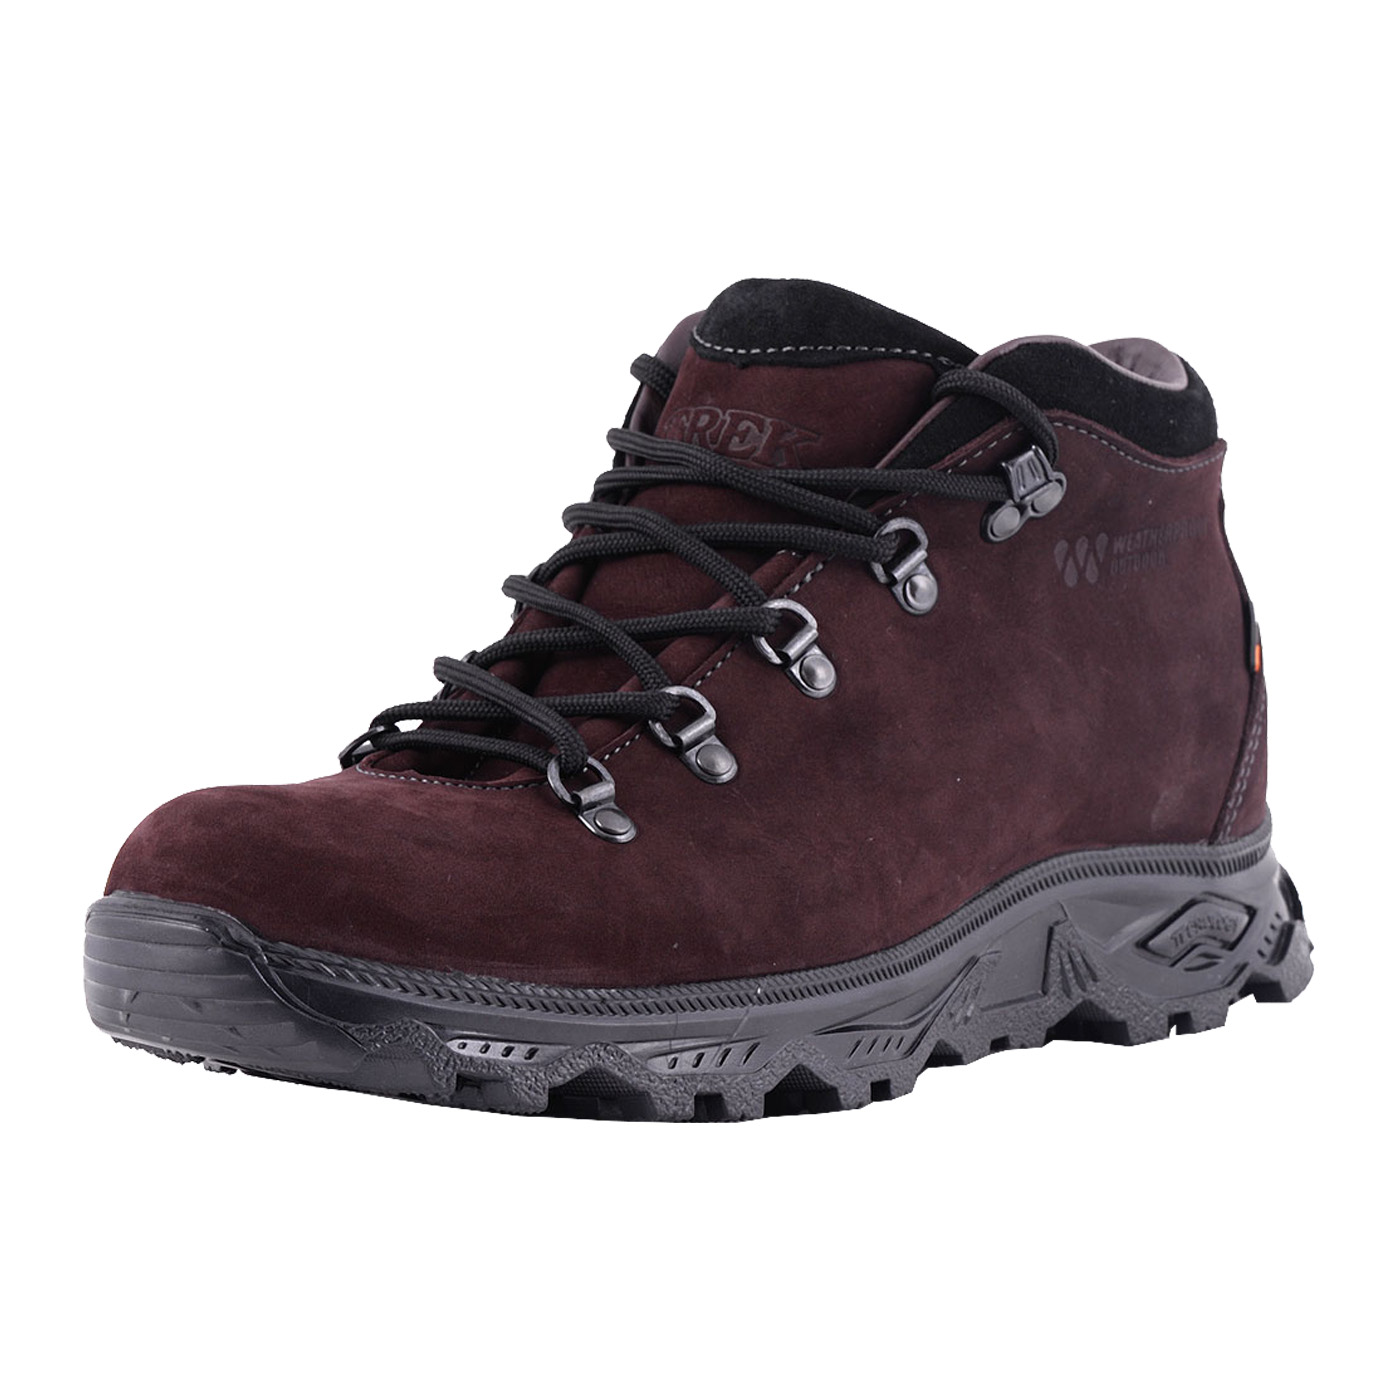 Купить Ботинки мужские TREK Andes3 (капровелюр), Обувная фабрика Trek